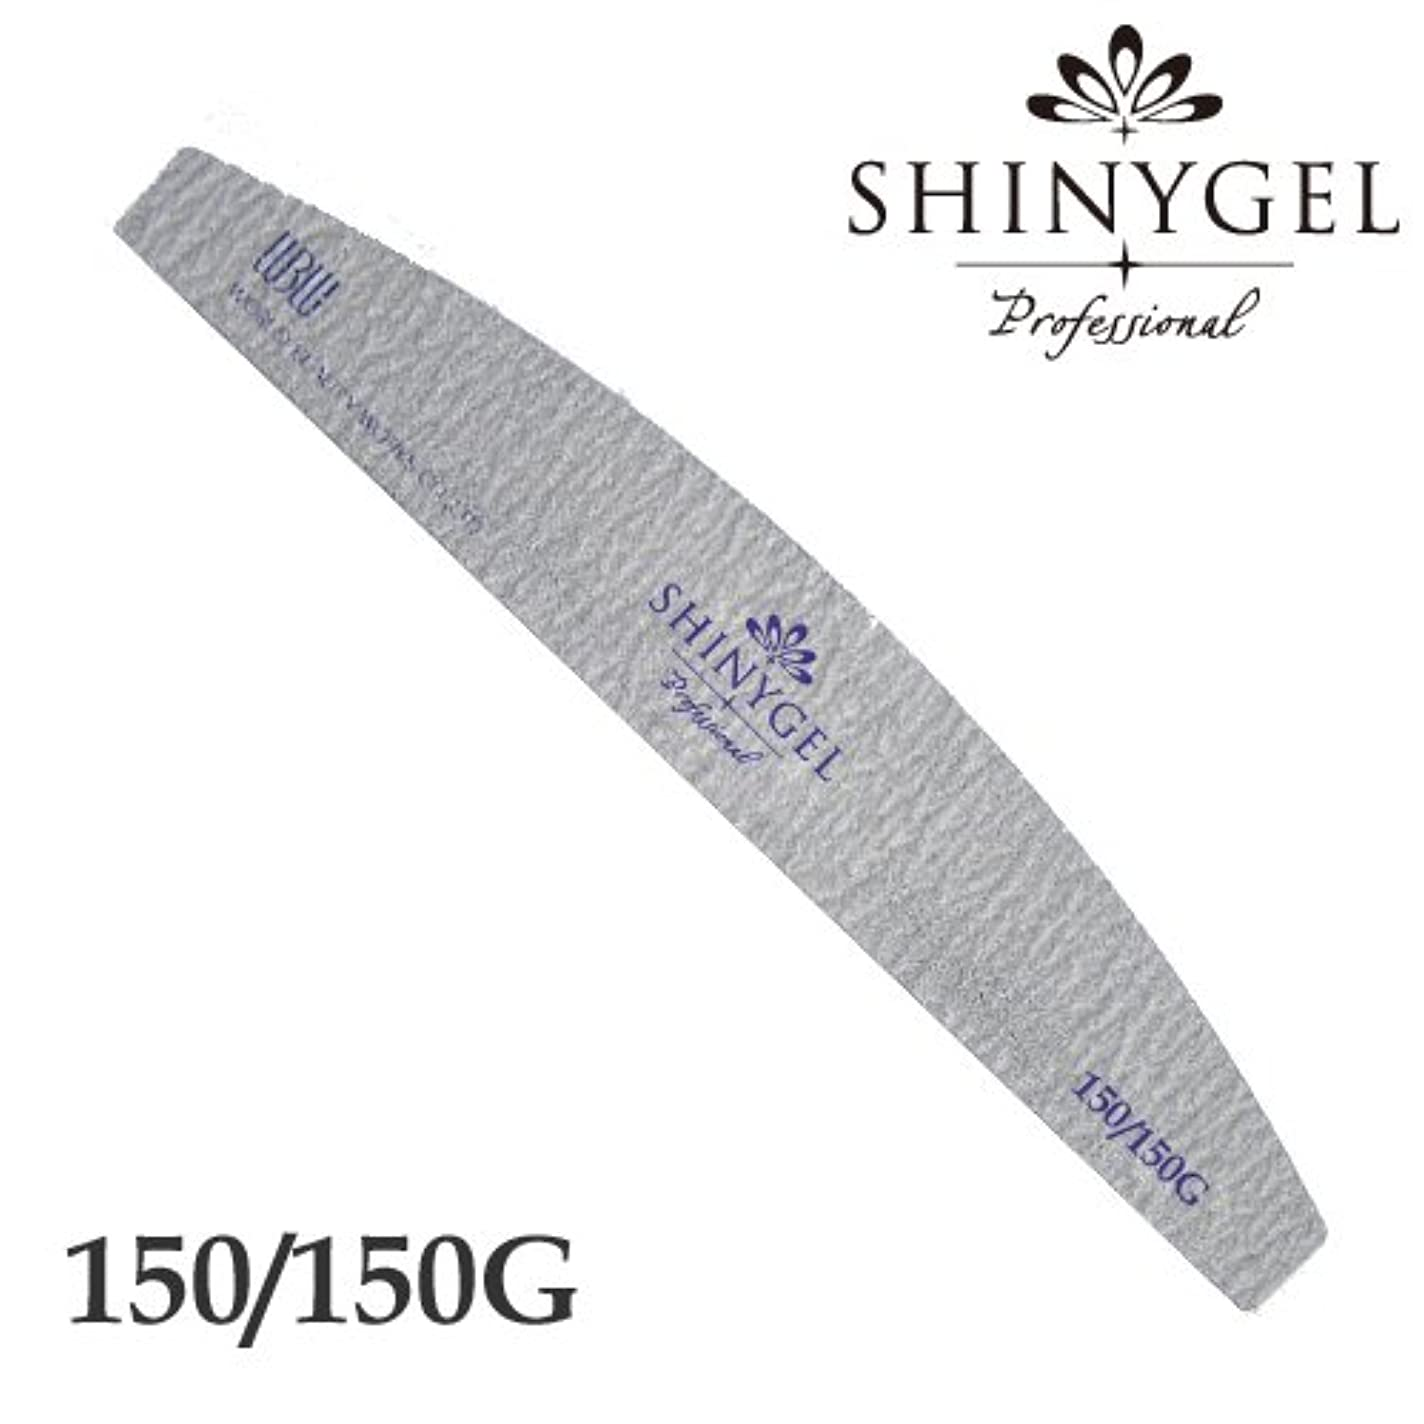 情熱パキスタン入るSHINYGEL Professional シャイニージェルプロフェッショナル ゼブラファイル ブラック(アーチ型) 150/150G ジェルネイル 爪やすり